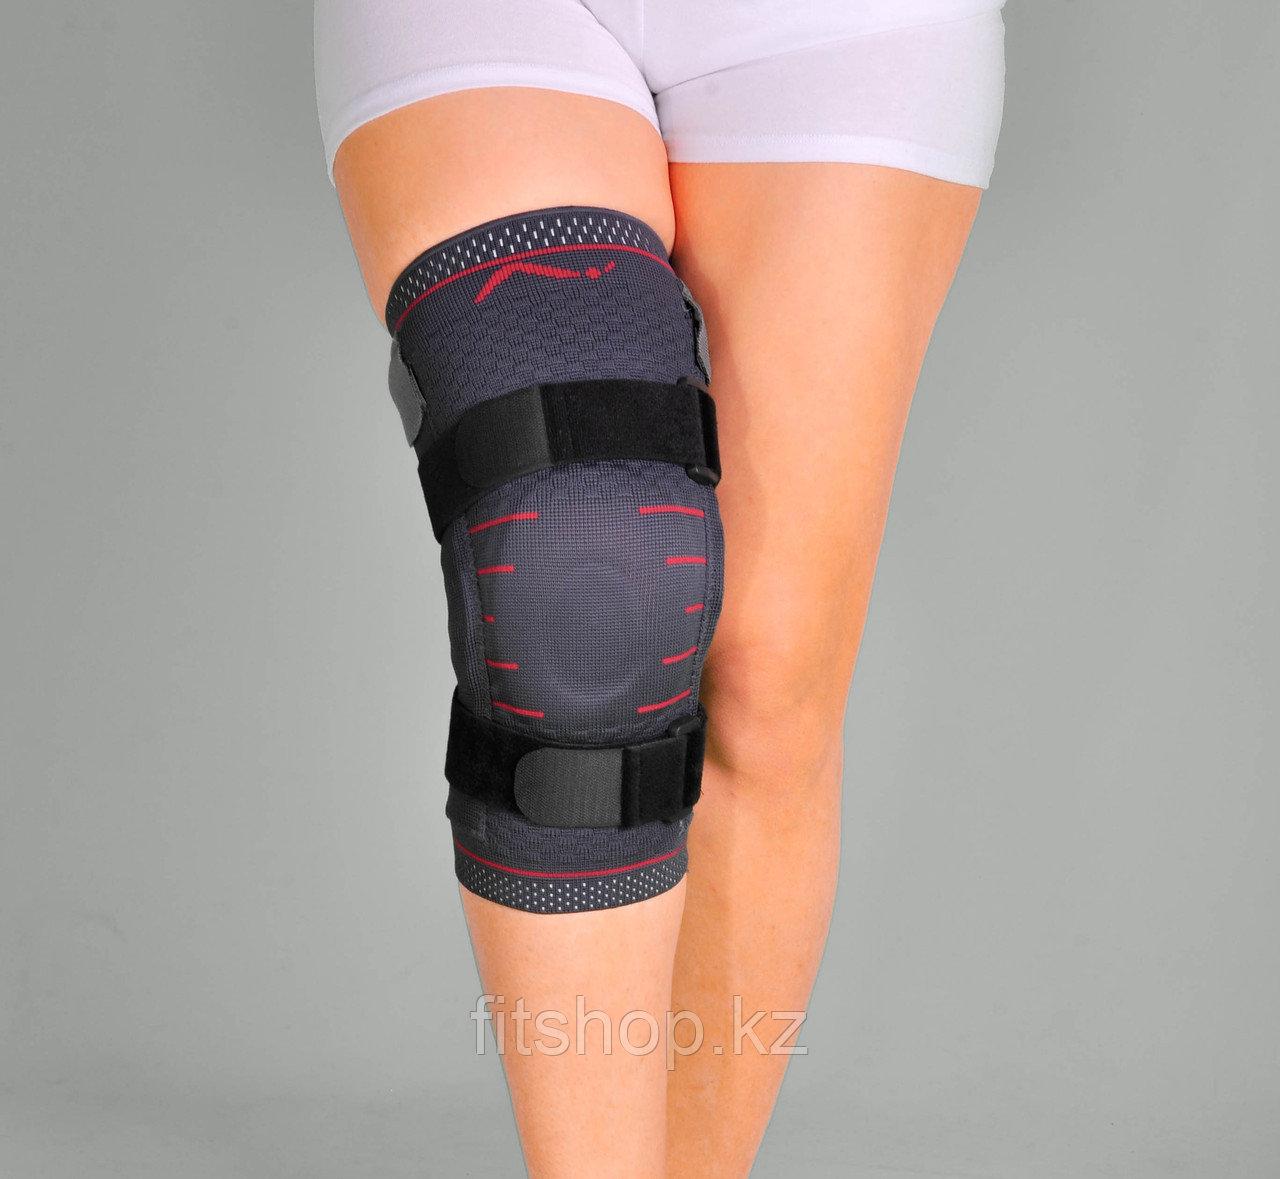 Наколенник эластичный с закрытой коленной чашечкой и с шарнирами Support Line - фото 1